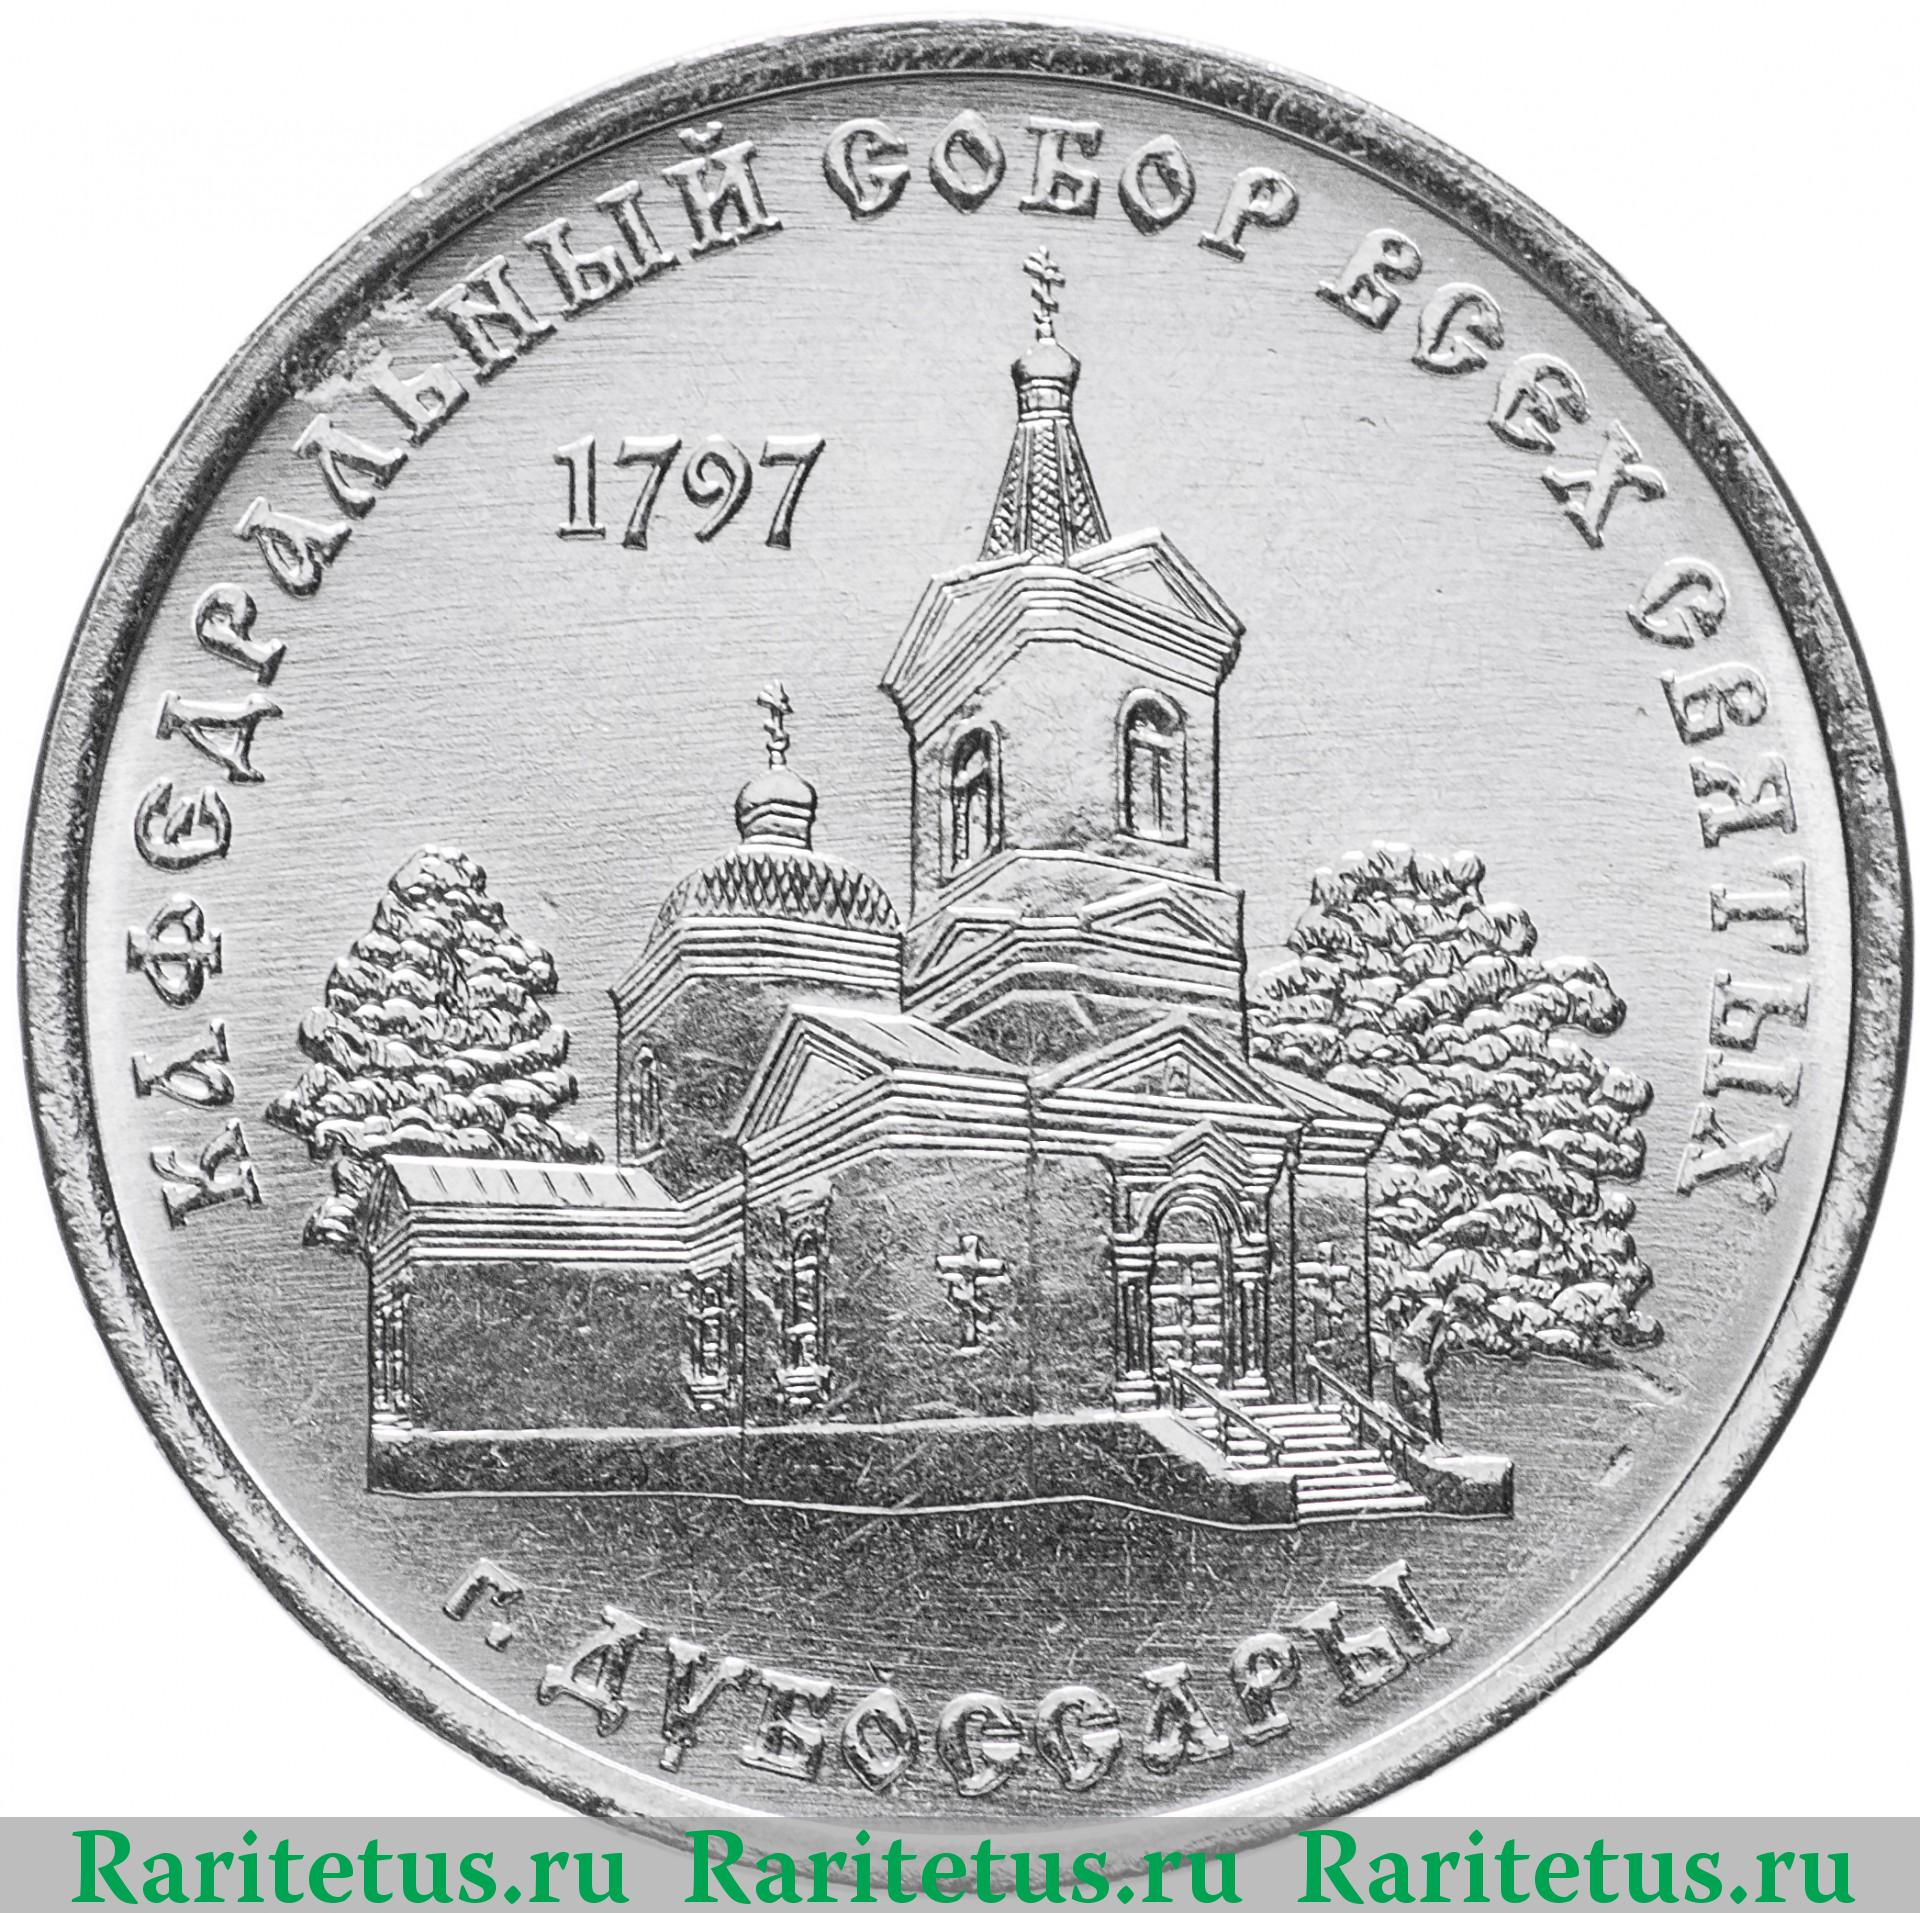 Цена монеты 1 рубль 2017 года великие луки монета 10 рублей стоимость